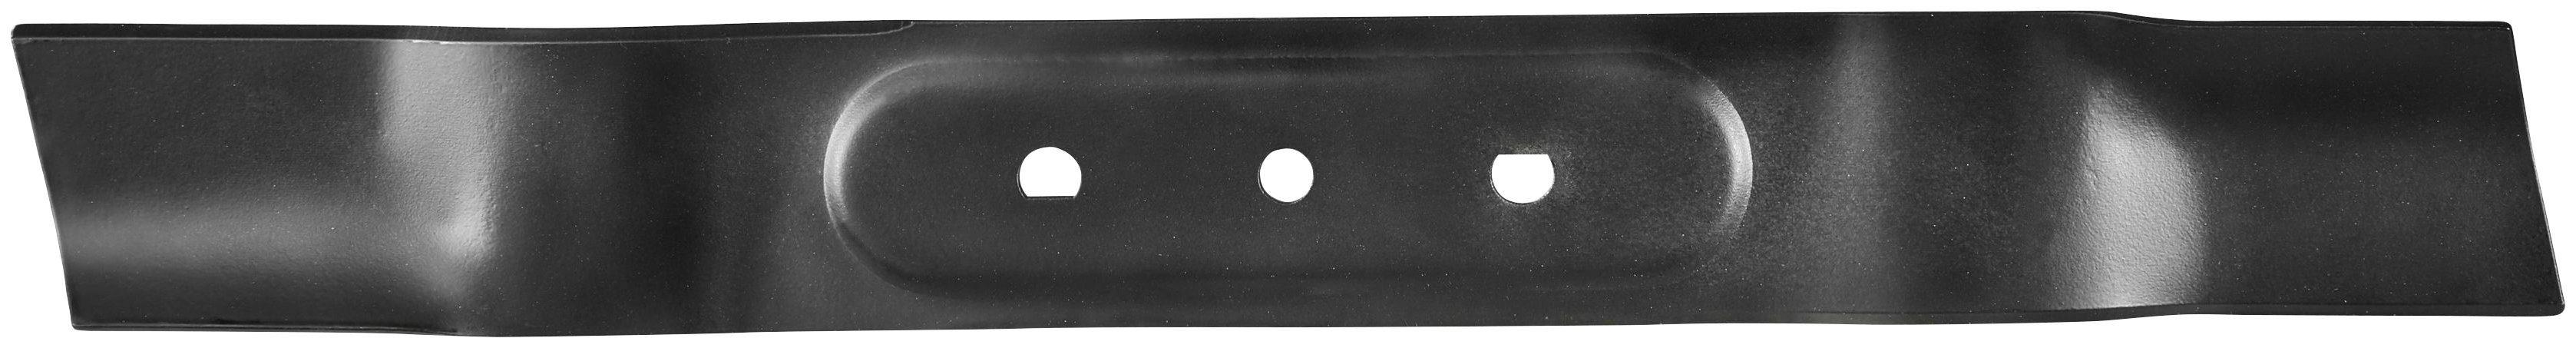 GARDENA Ersatzmesser für Akku-Rasenmäher